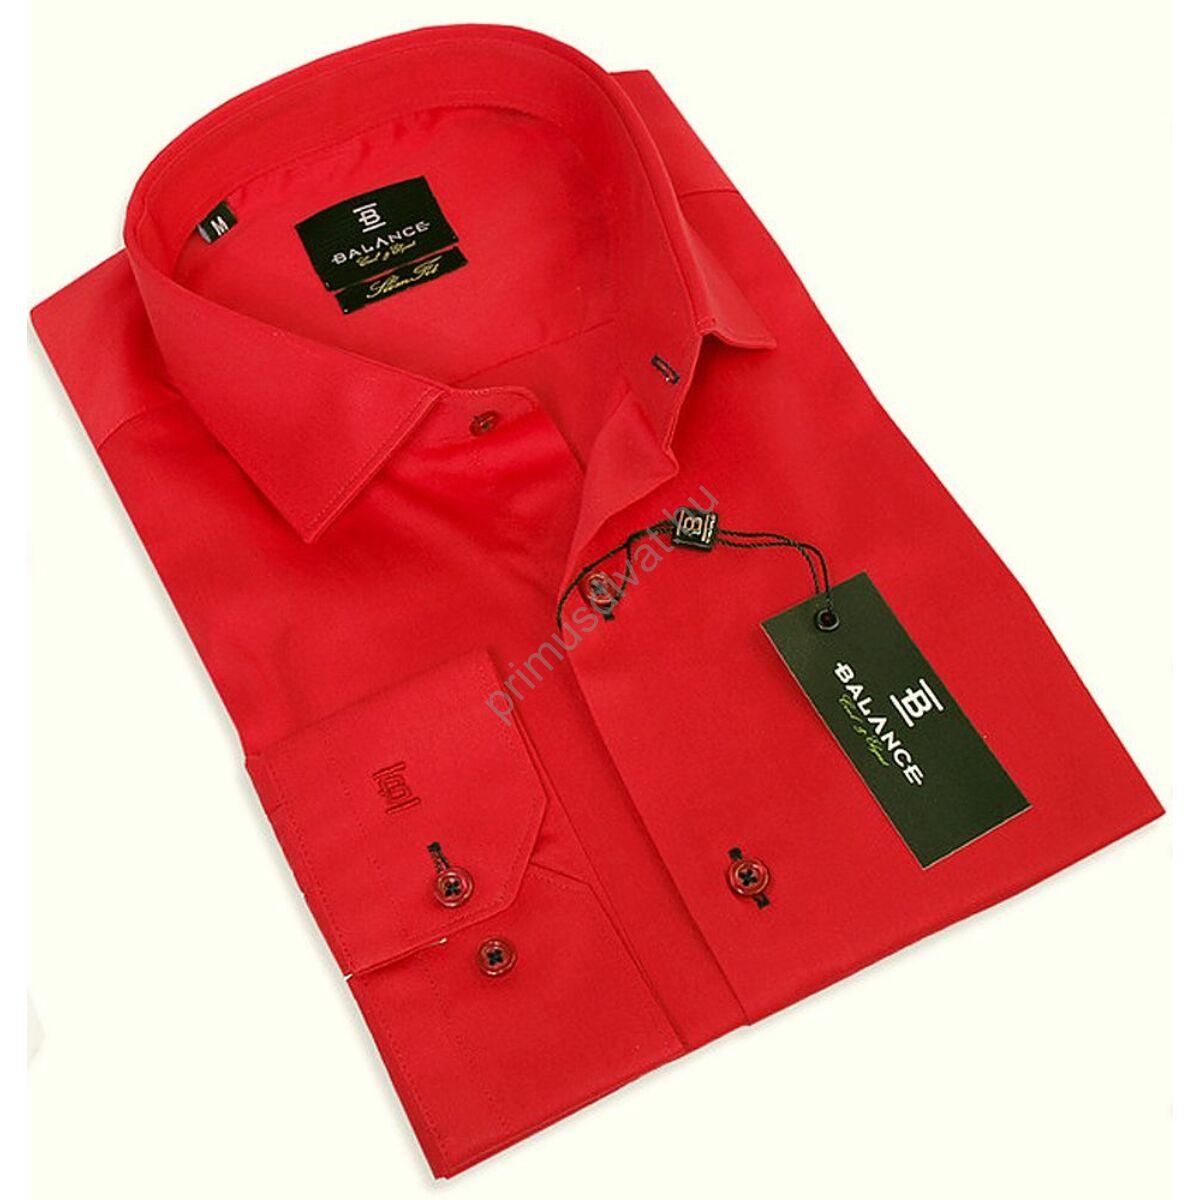 b3c3803e94 Balance normál galléros, slim fit, egyszínű piros pamutszatén hosszú ujjú  ing